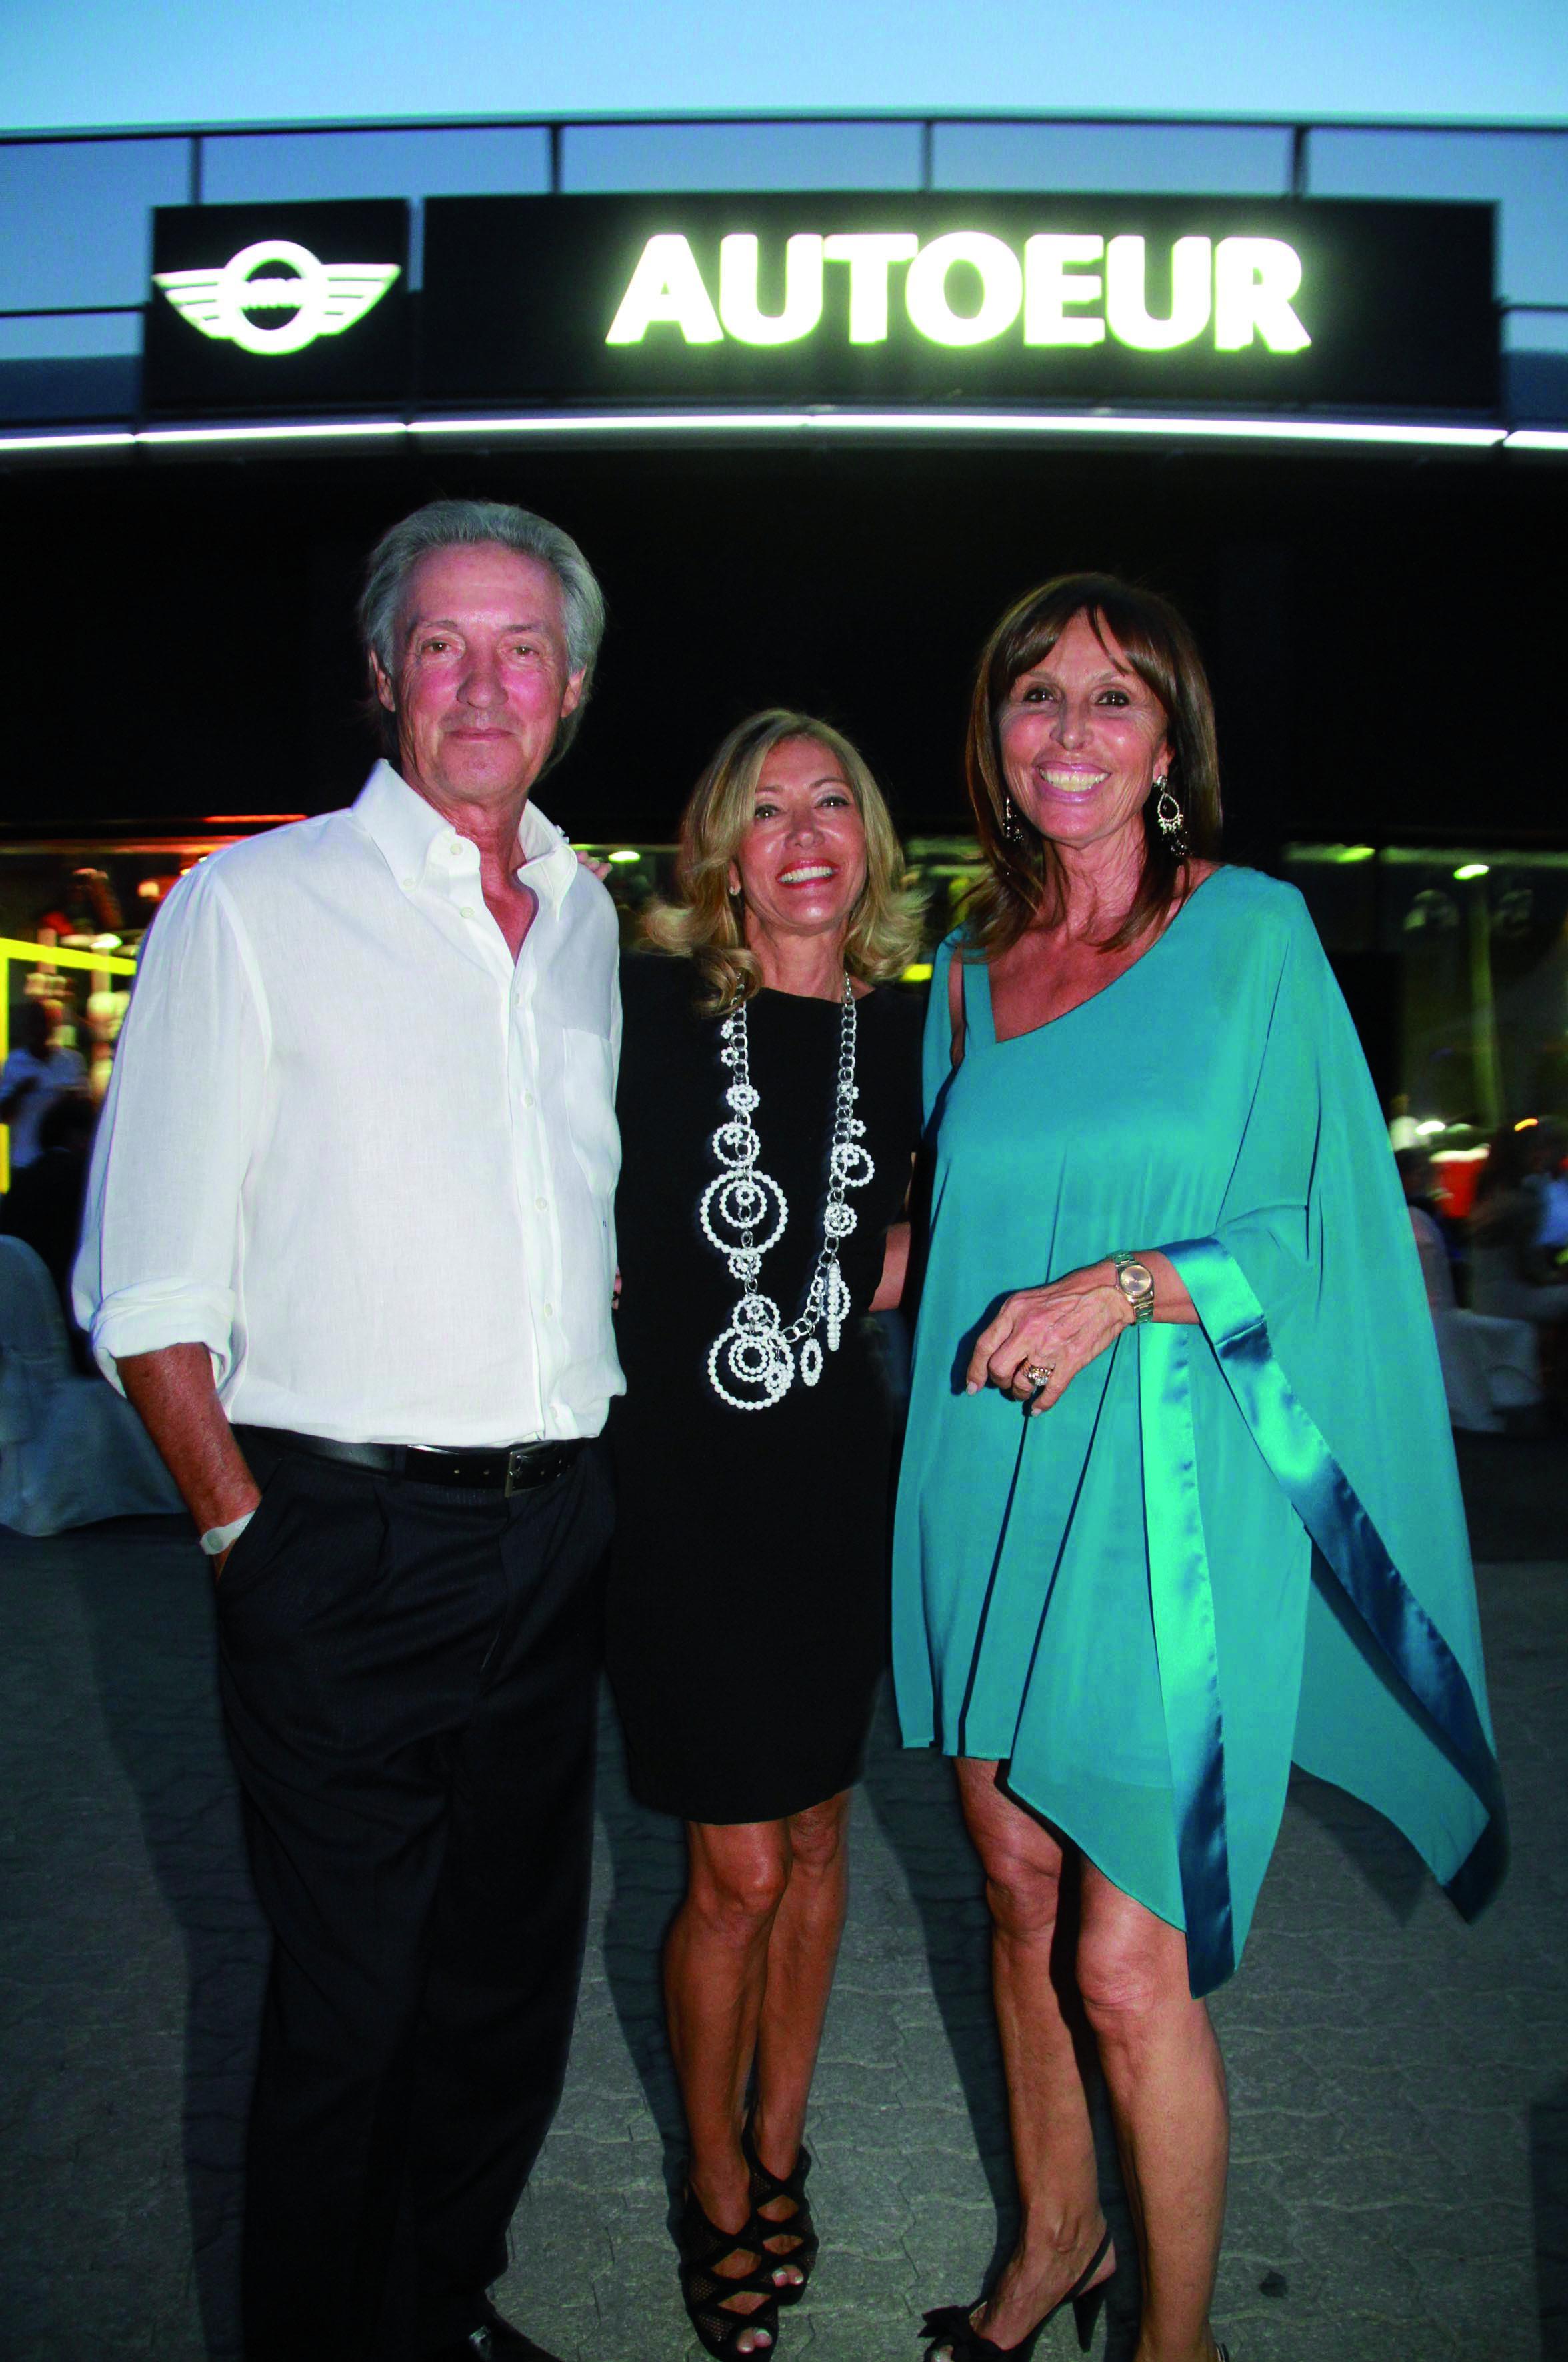 Pressphoto, Firenze inaugurazione concessionaria BMW all'osmannoro nella foto:  Sandra e Paolo bruschi, Laura Borola ?????????? BMW firenzemagazine